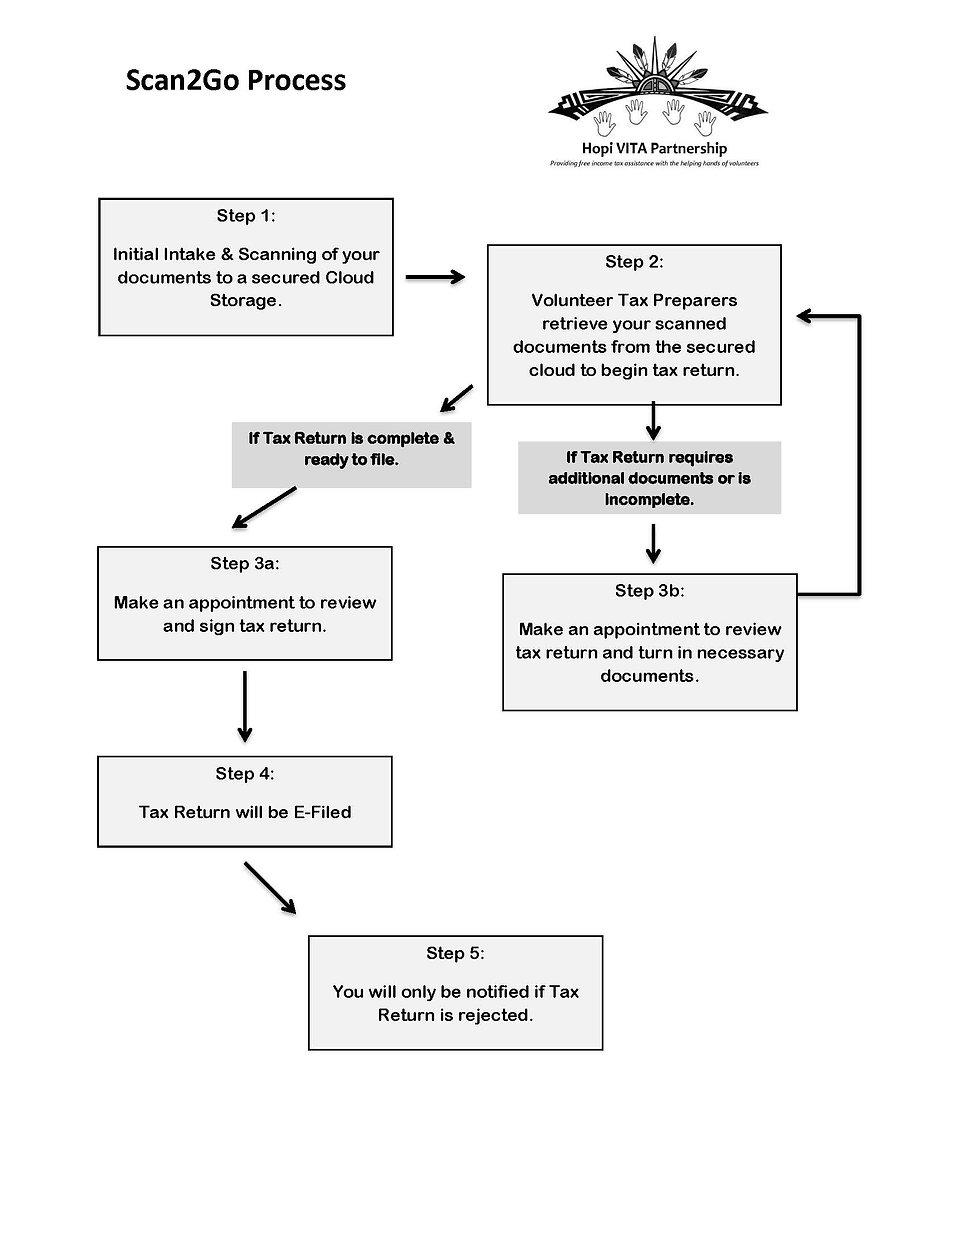 Scan2go Process Flow Chart.jpg